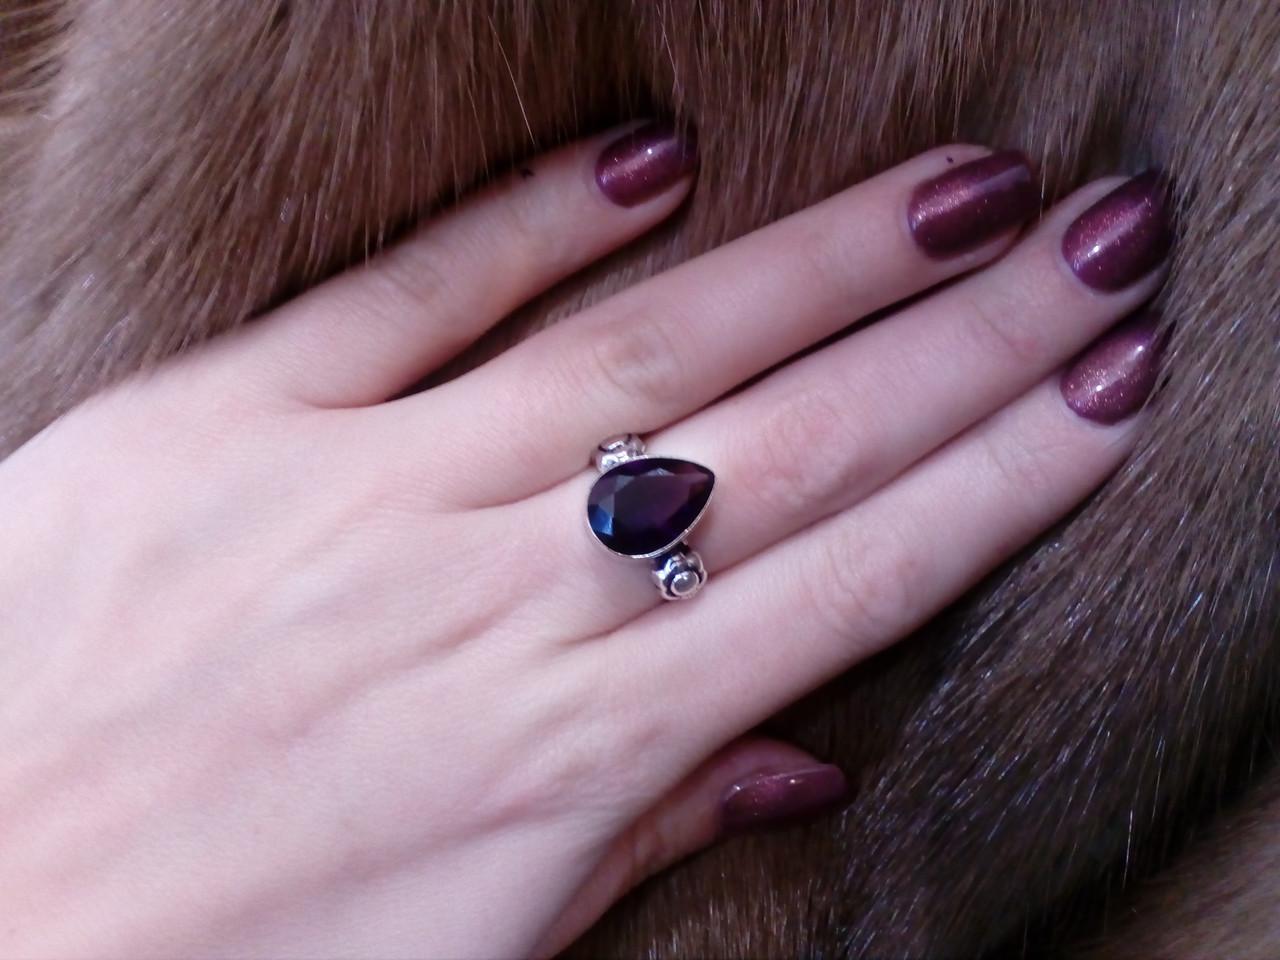 Кольцо с камнем аметист в серебре. Кольцо с аметистом. Размер 16,5-17. Индия!